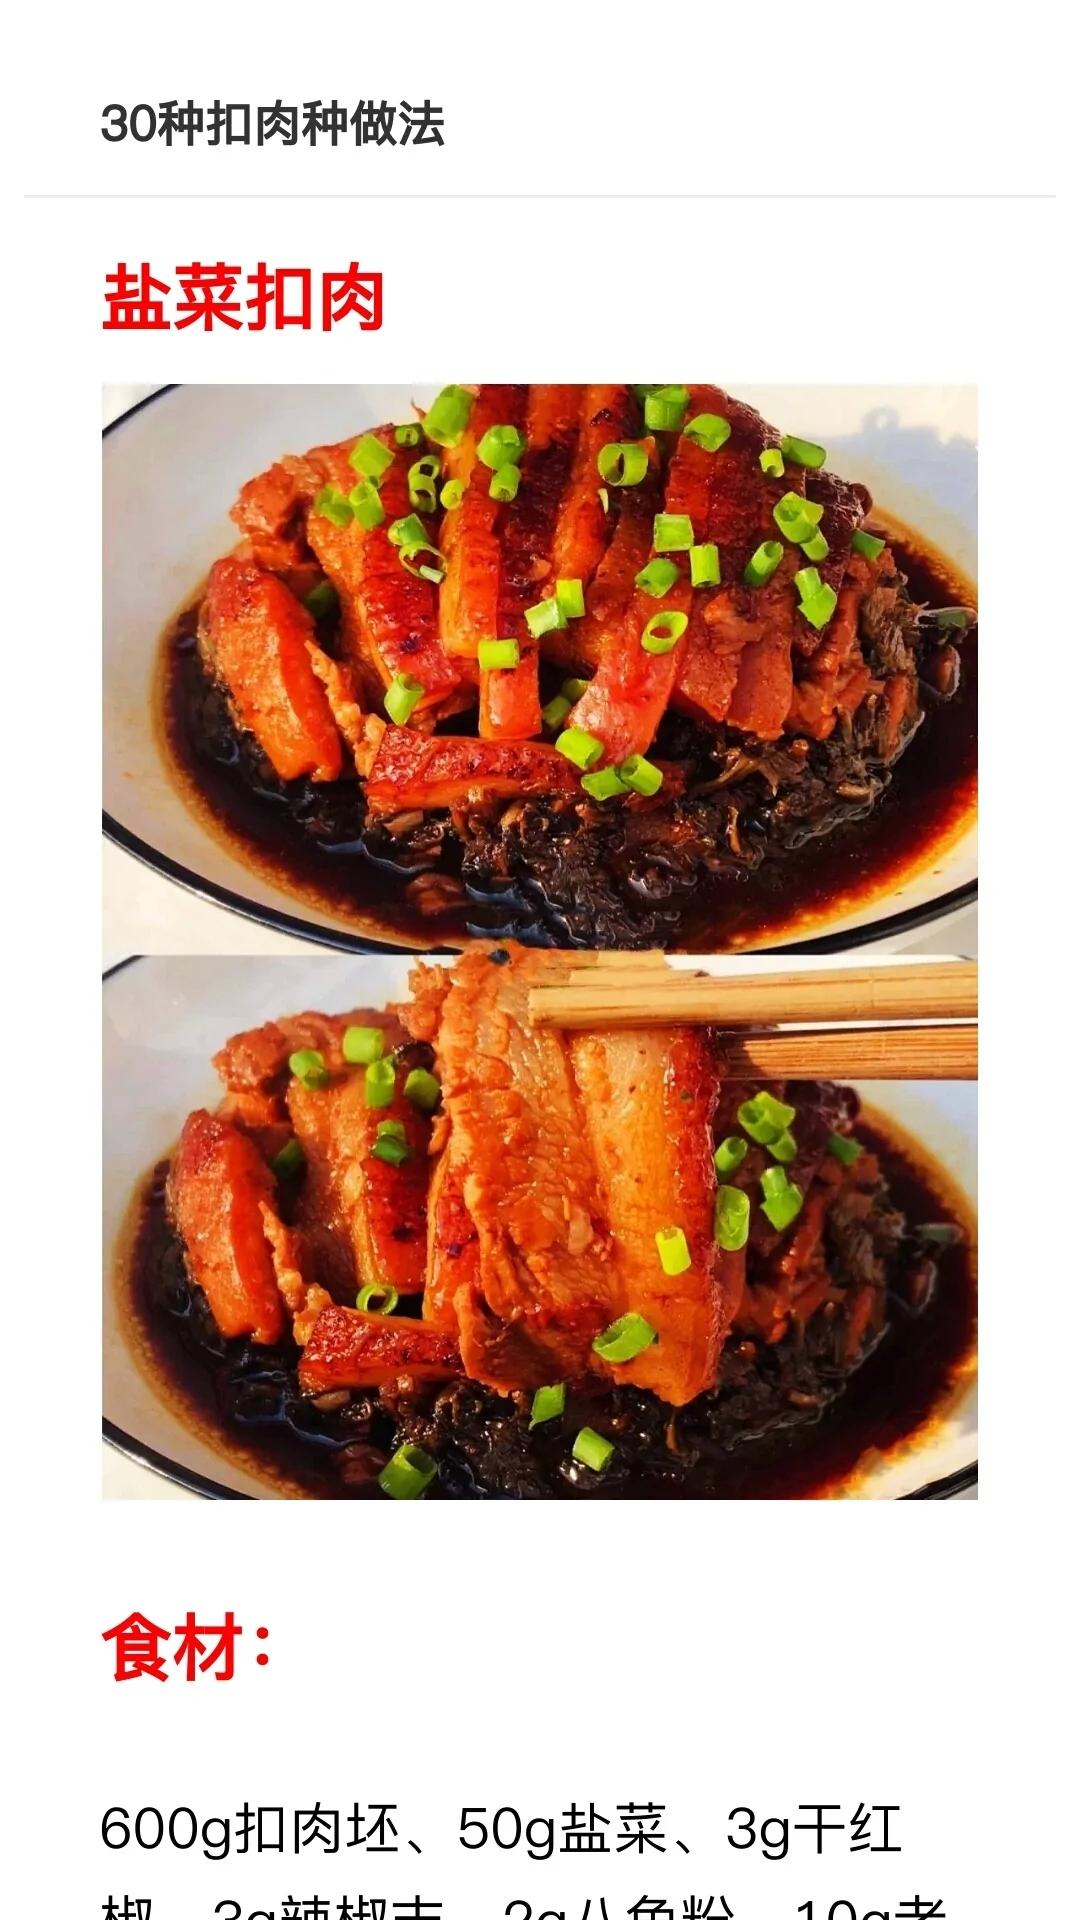 家常扣肉做法及配料 美食做法 第2张